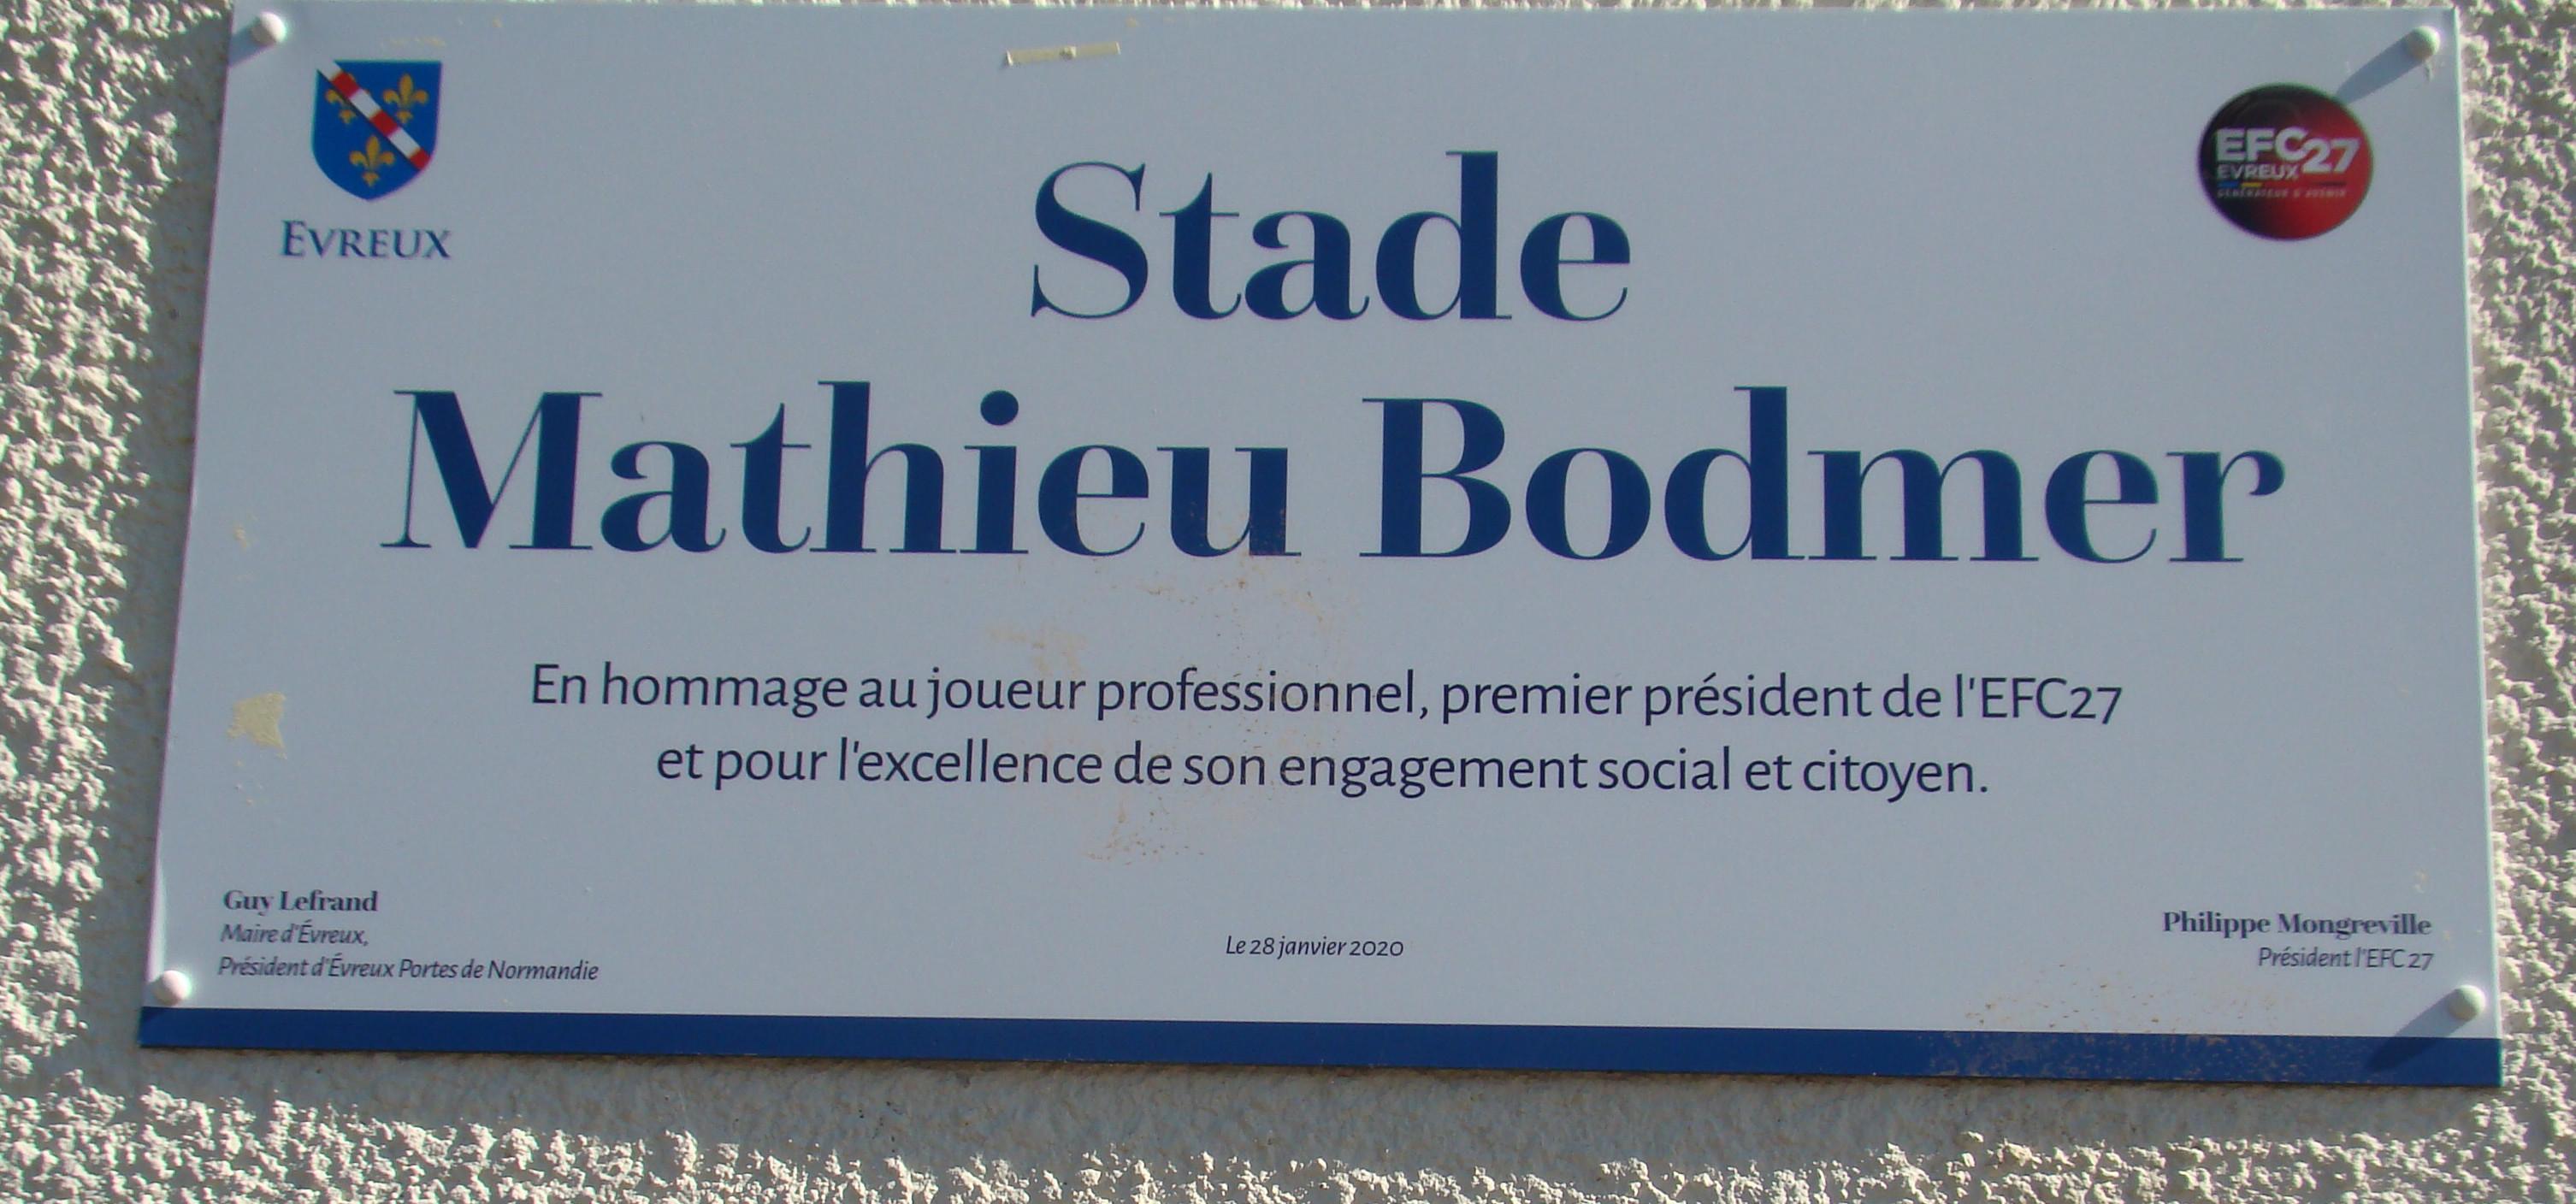 Stade Mathieu Bodmer.JPG